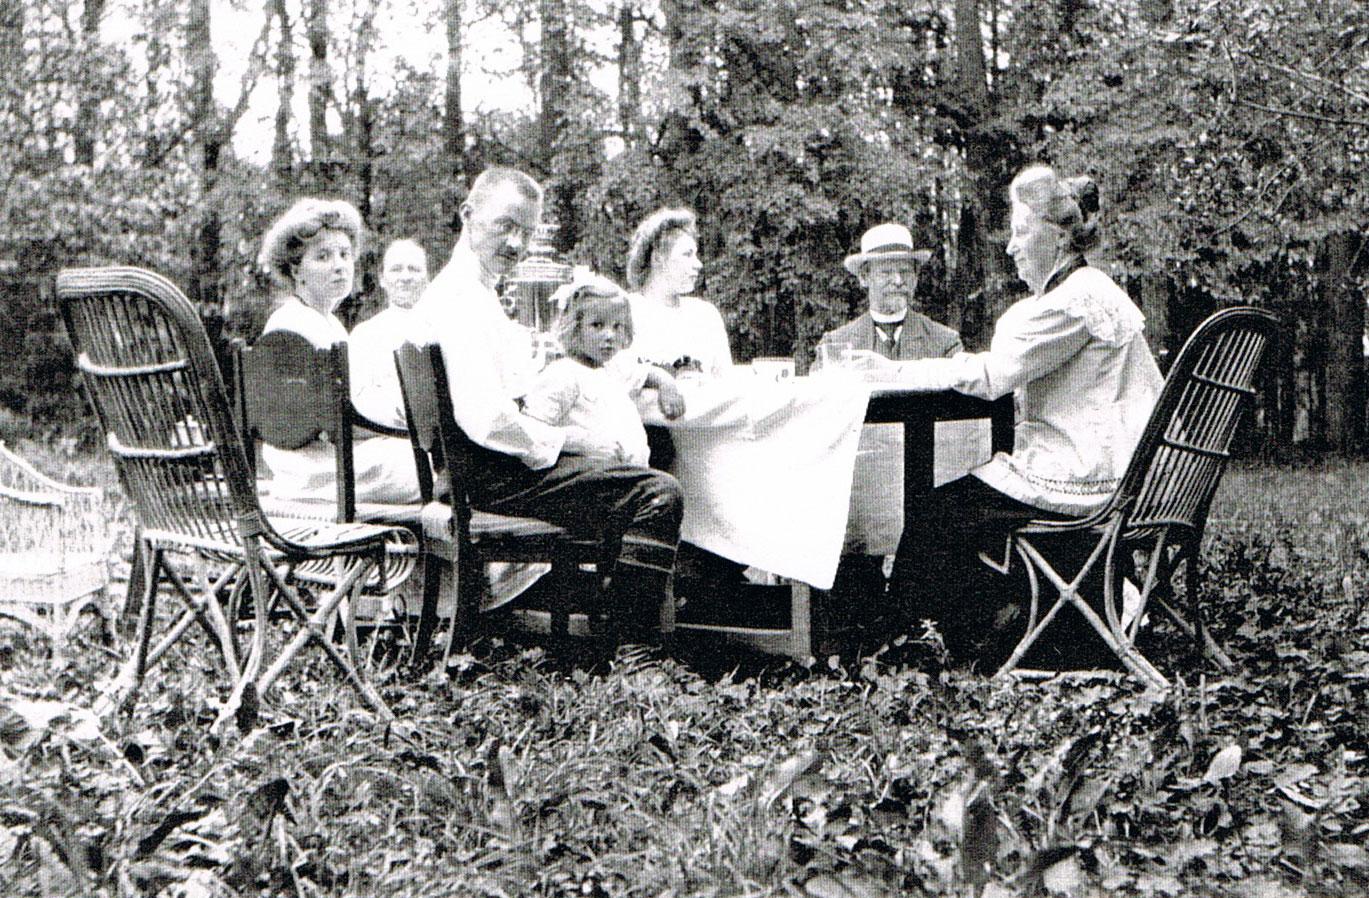 vorne links die Mutter • rechts im Vordergrund die ältere Schwester • 1913 in der Nähe von Moskau